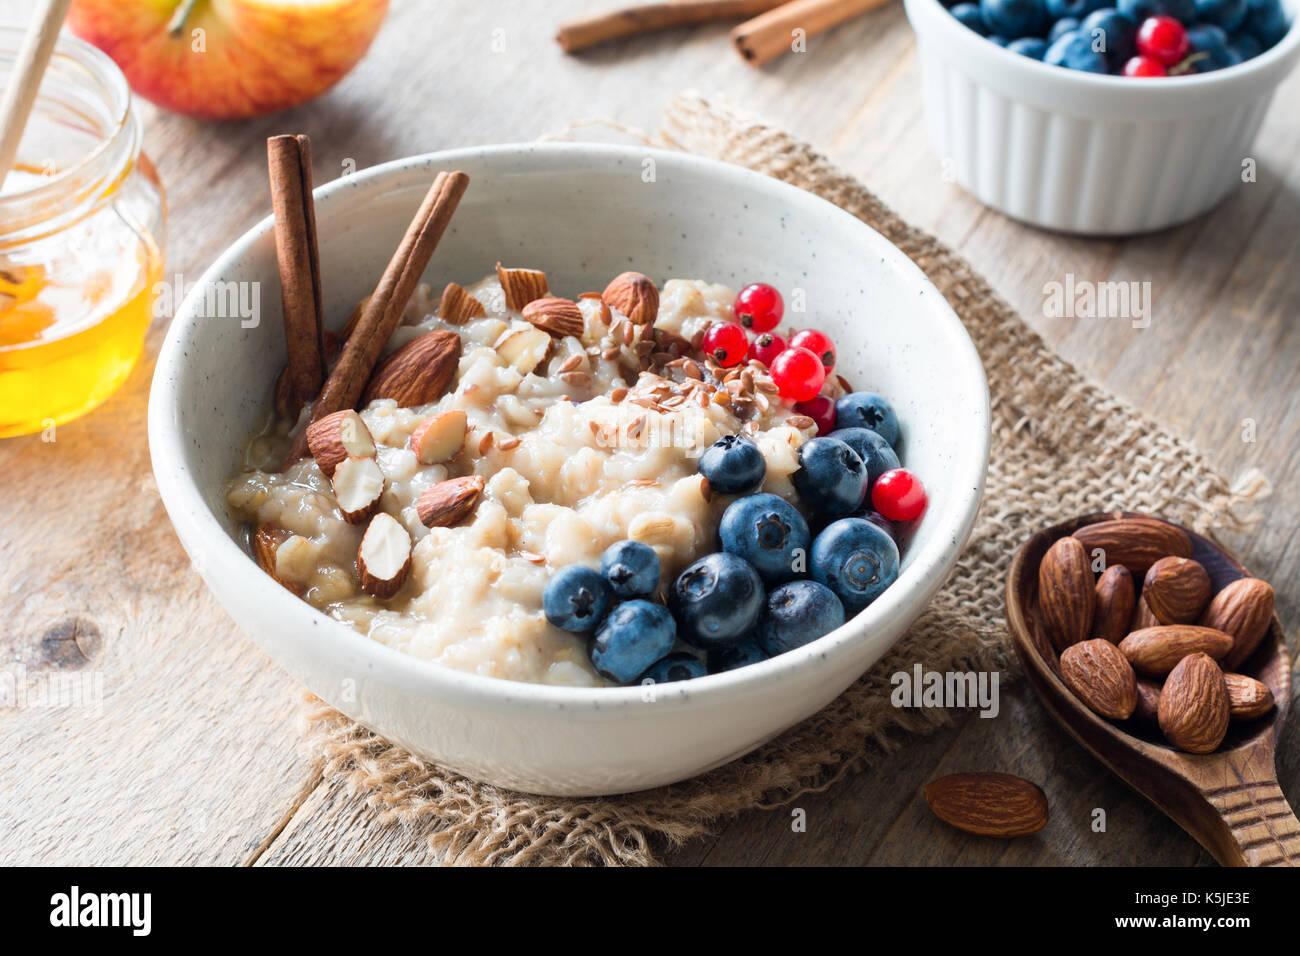 Farina di avena porridge con mirtilli, le mandorle e la cannella, il miele, i semi di lino e di ribes rosso nel recipiente. Super alimenti per una sana colazione nutriente Immagini Stock